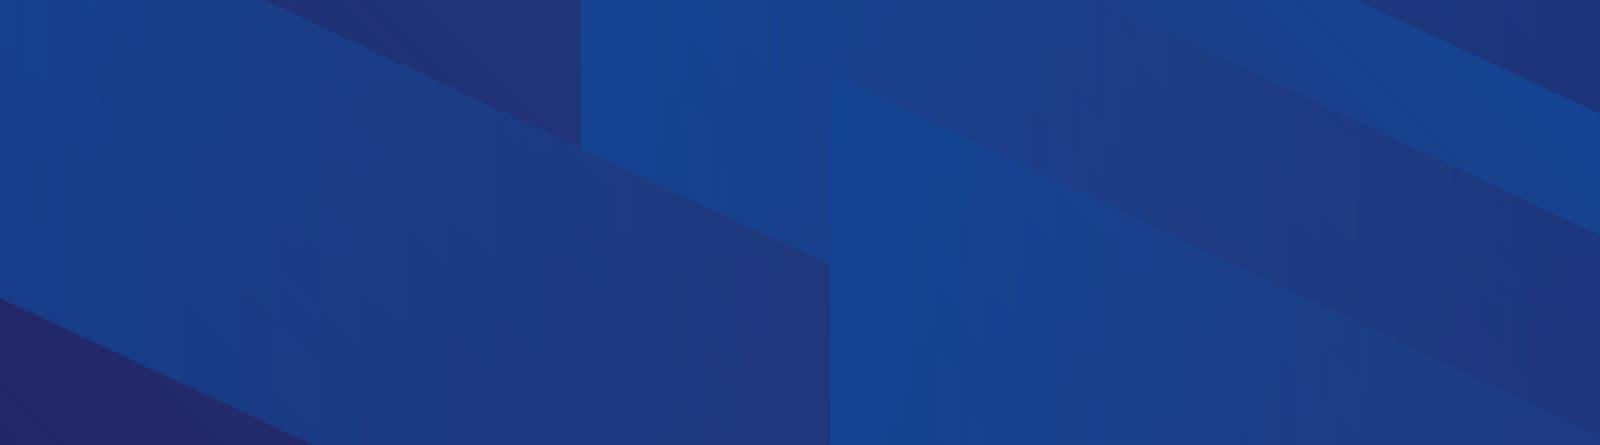 Visa France - Blue background